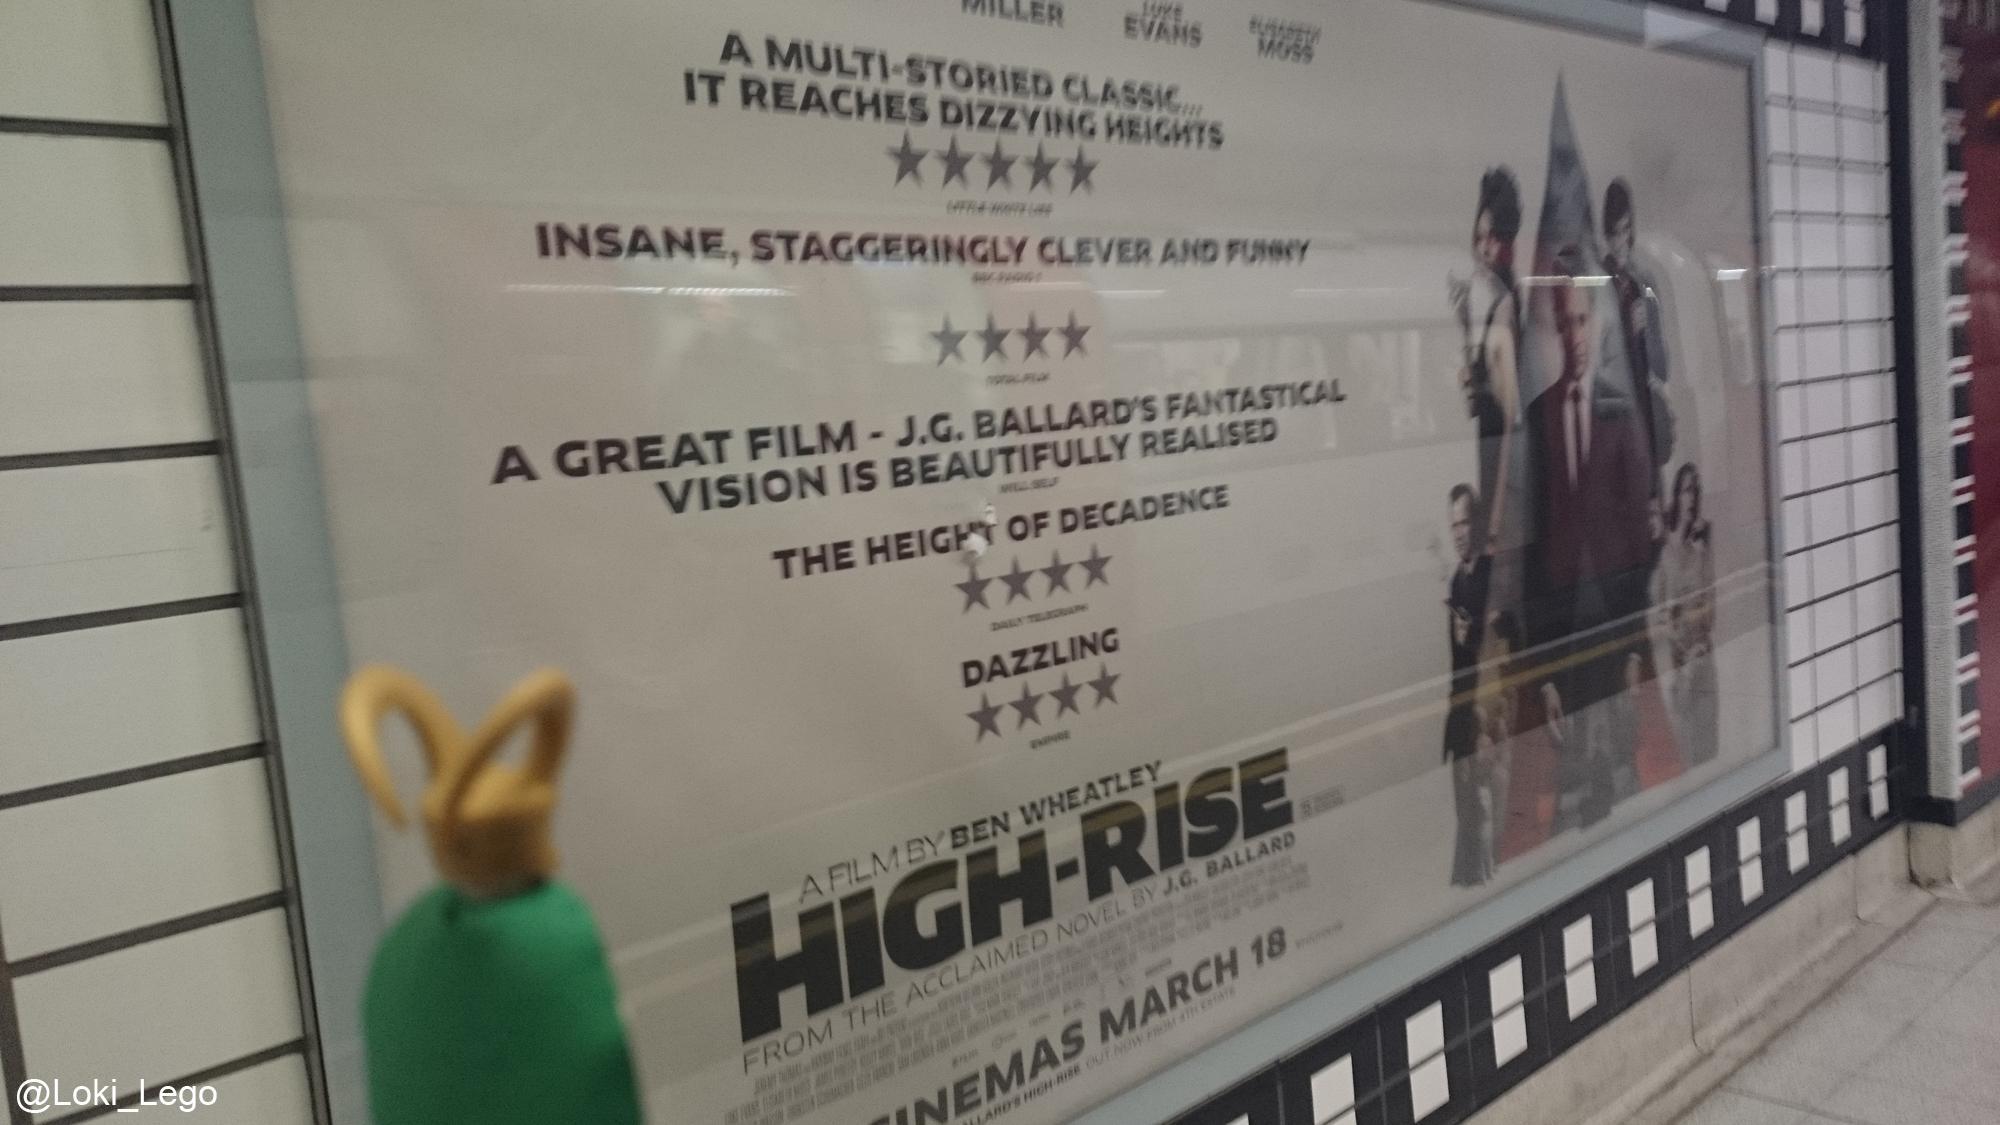 high-rise-tour-(1)